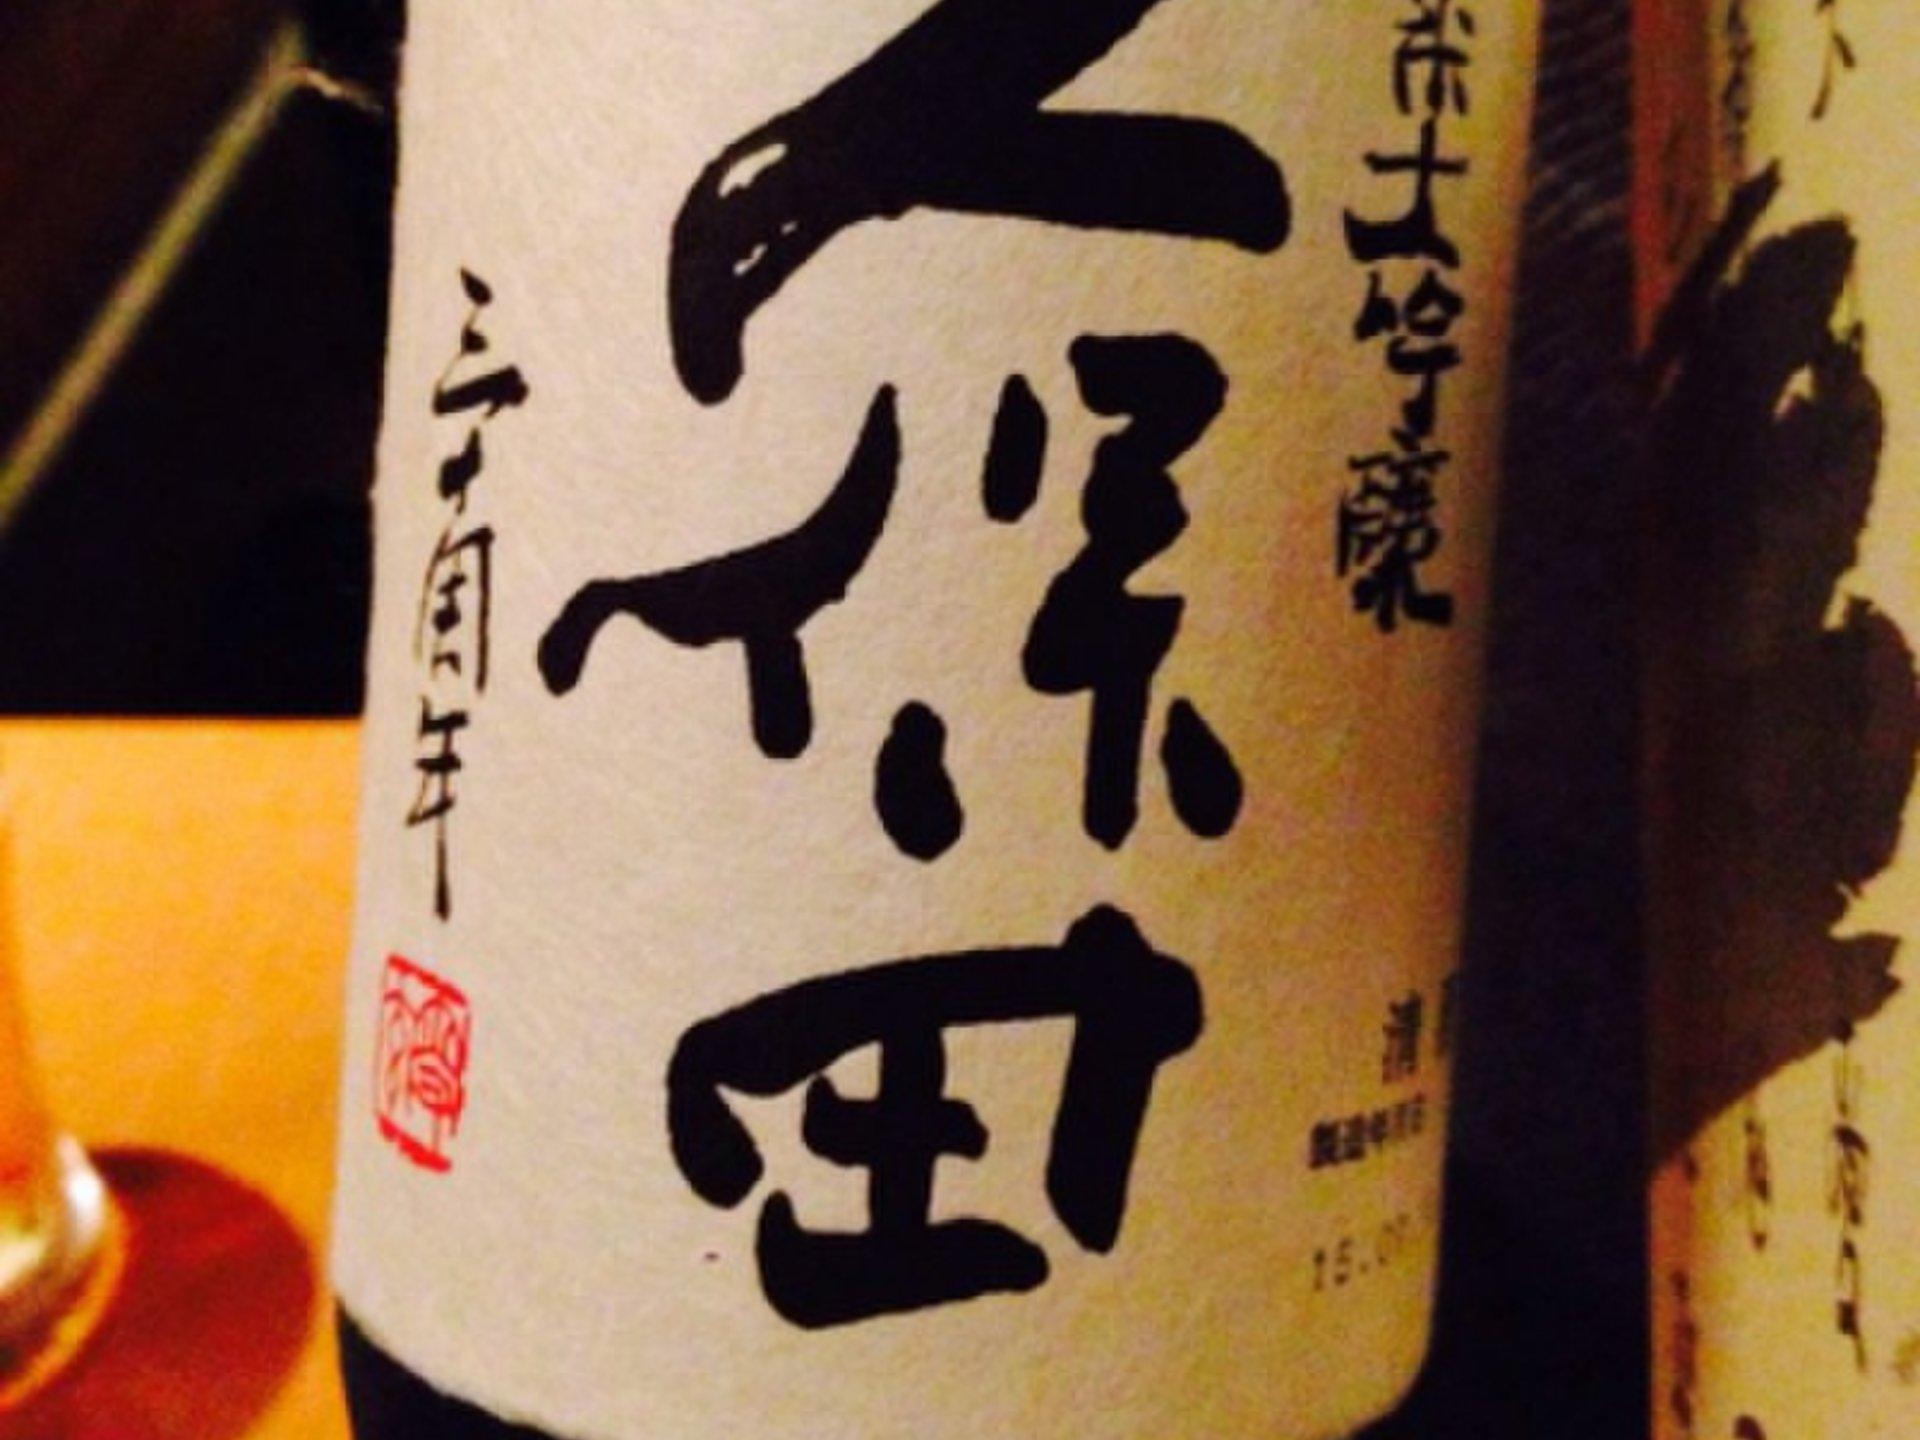 新潟県人集合。恵比寿で飲める新潟のお米とお酒が楽しめる「上越やすだ」